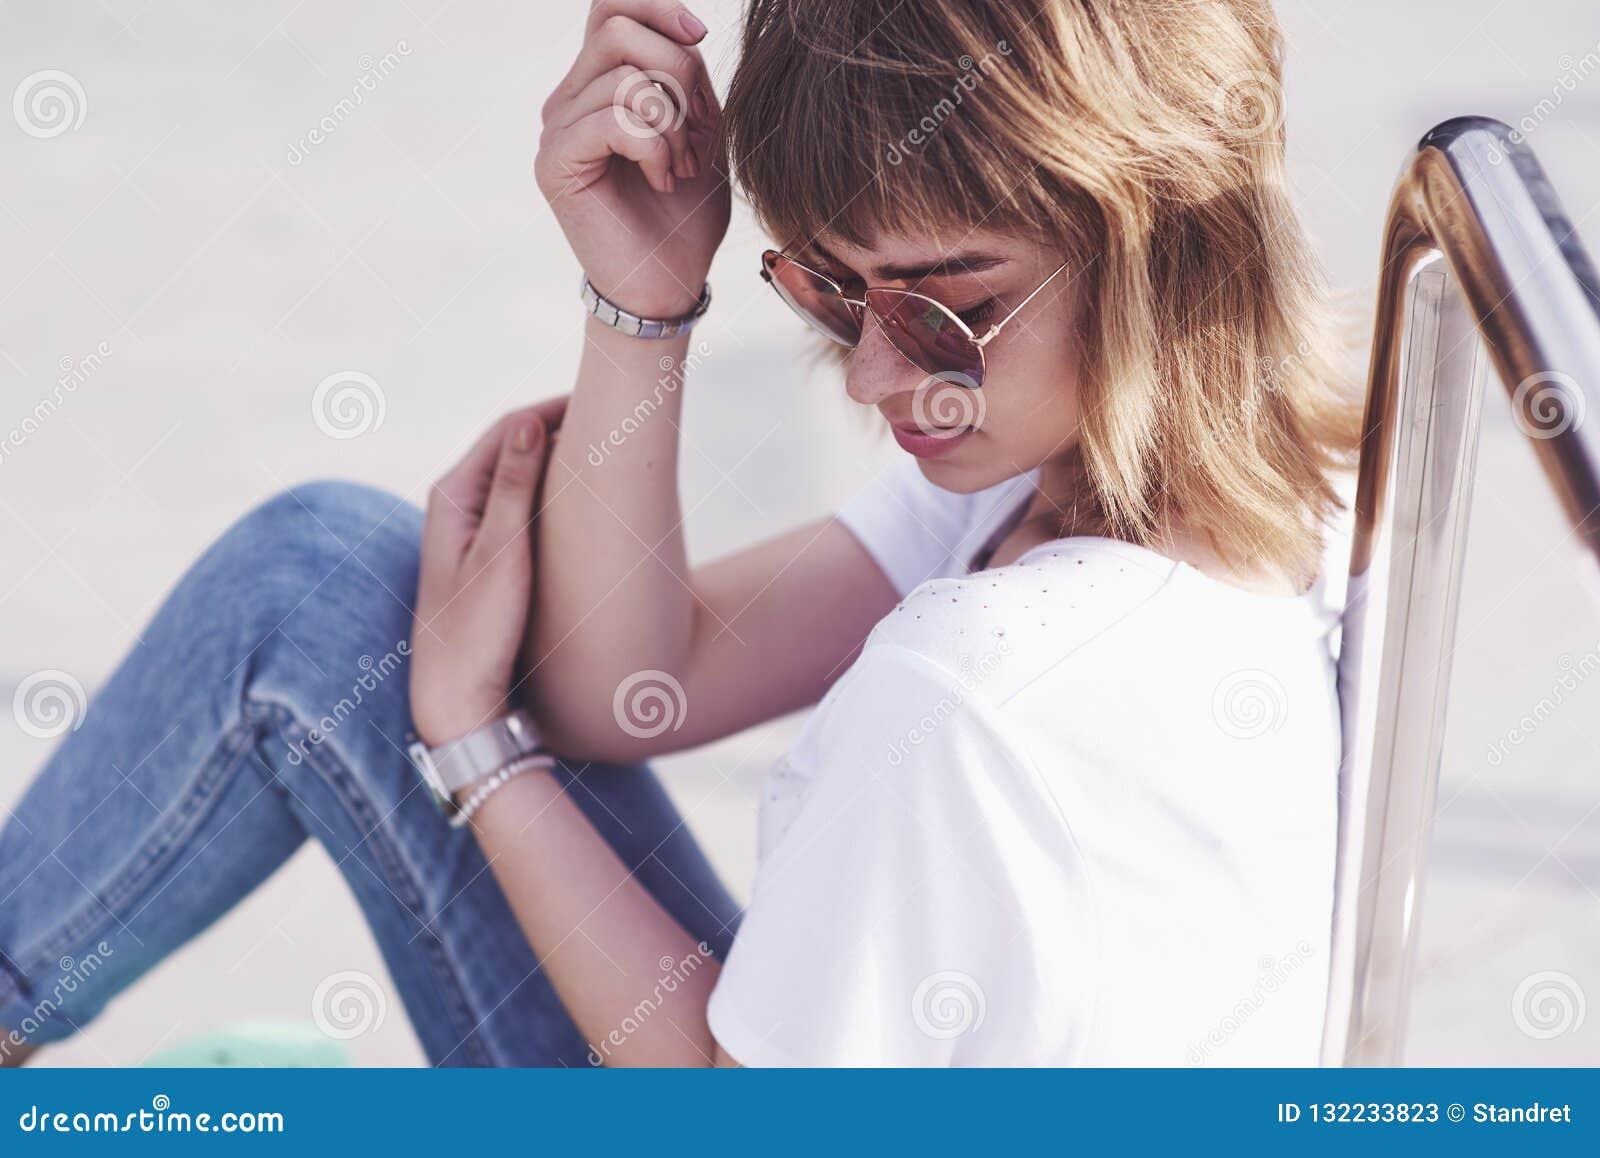 Sommerlebensstilbild im Freien der jungen hübschen Hippie-Frau, die Spaß hat Weiche sonnige Farben